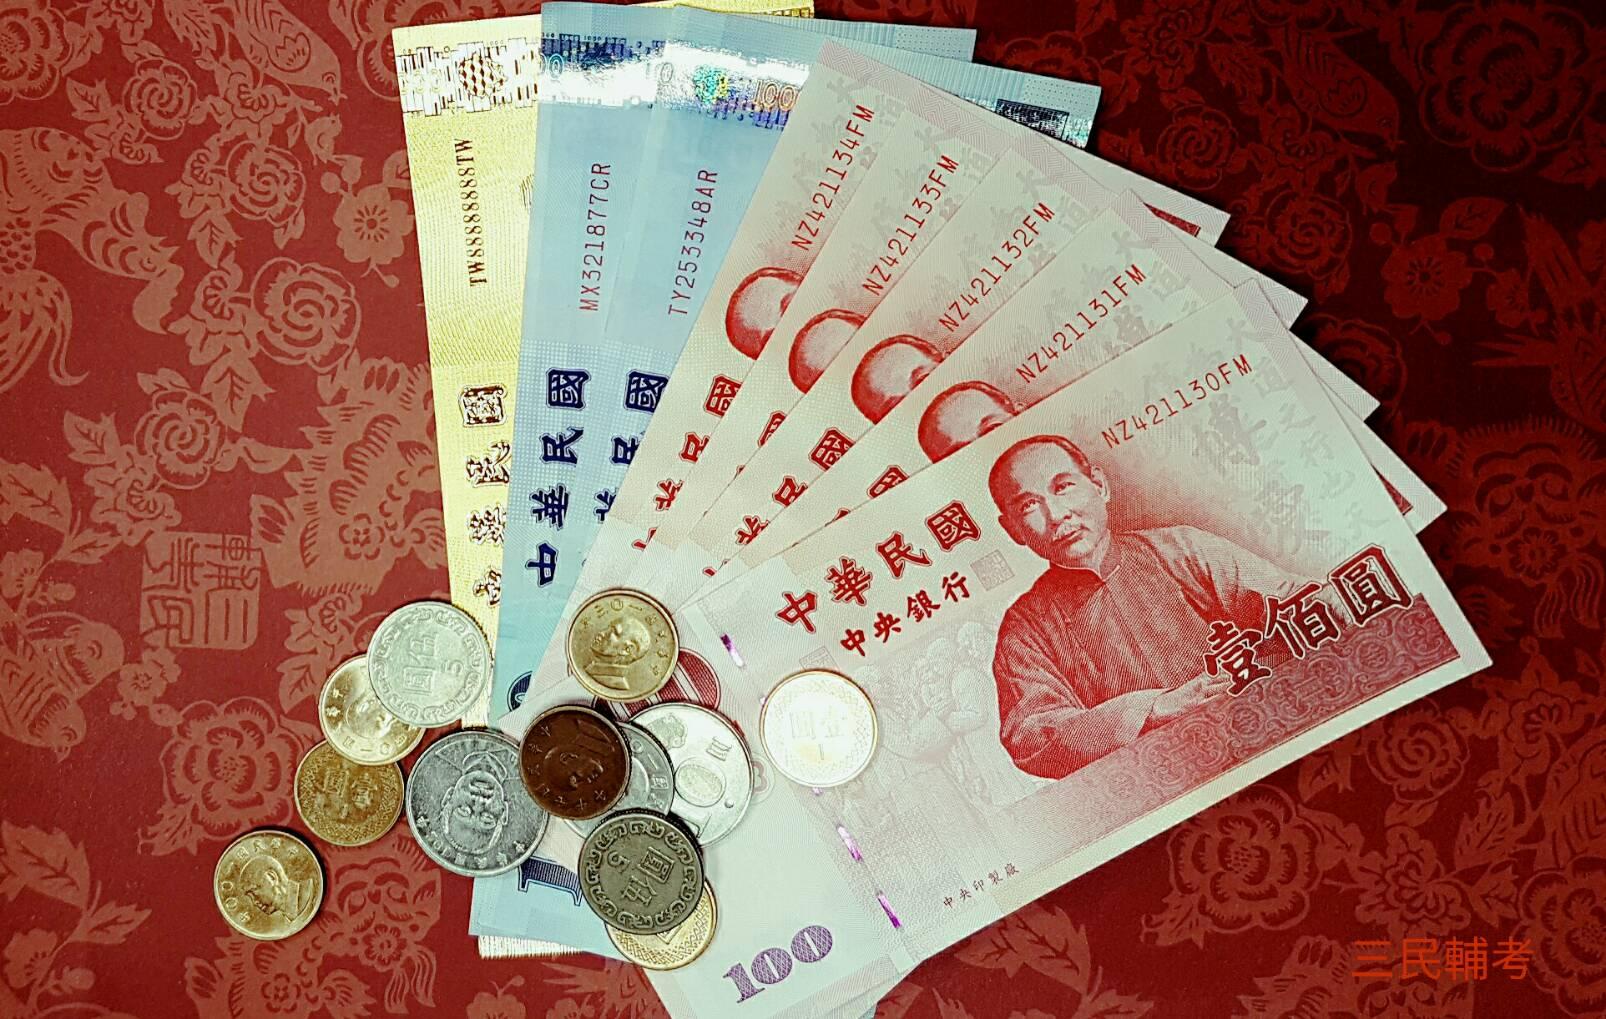 中央造幣廠106年新進人員甄試 起薪4.4萬另有獎金